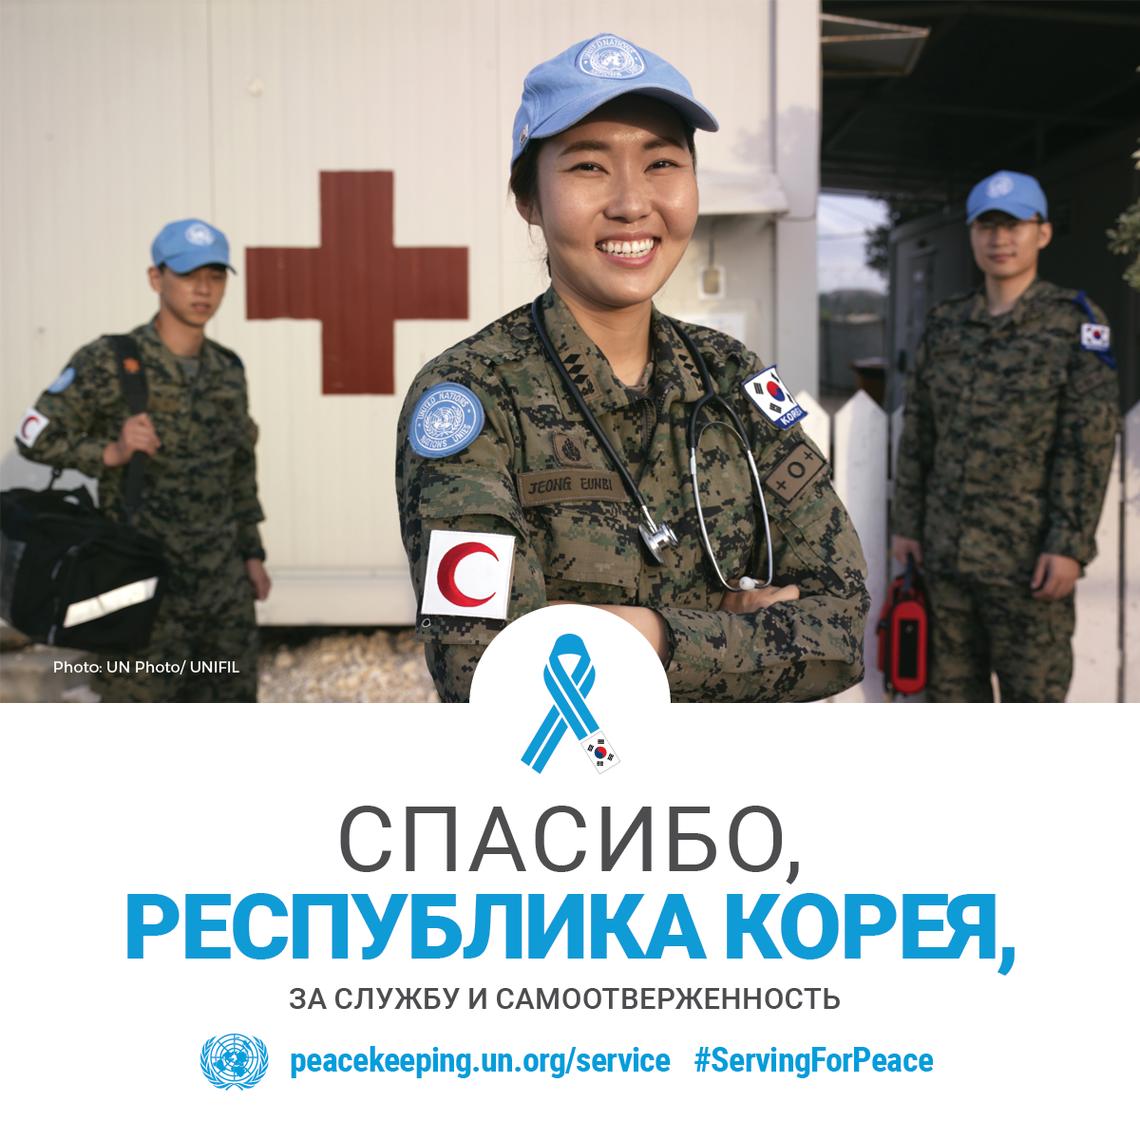 Миротворцы из Республики Корея